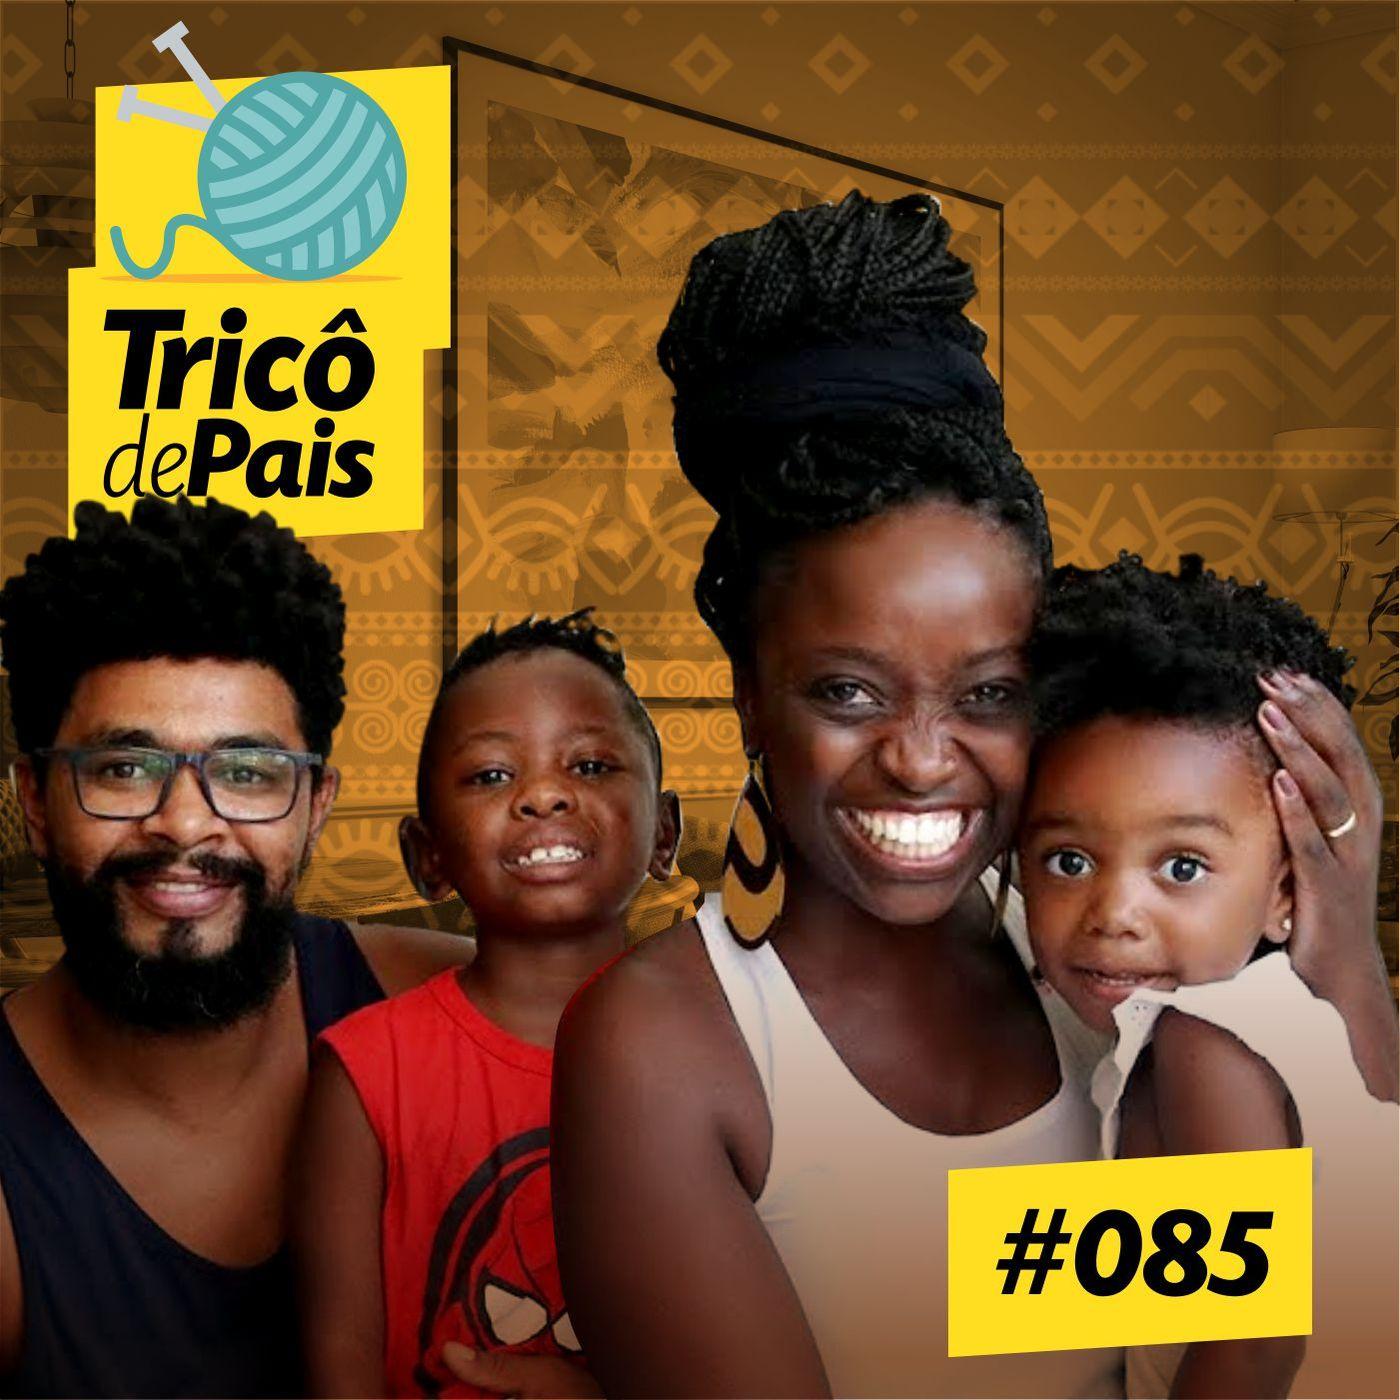 #085 - A Família Negra feat. Jones Silveira